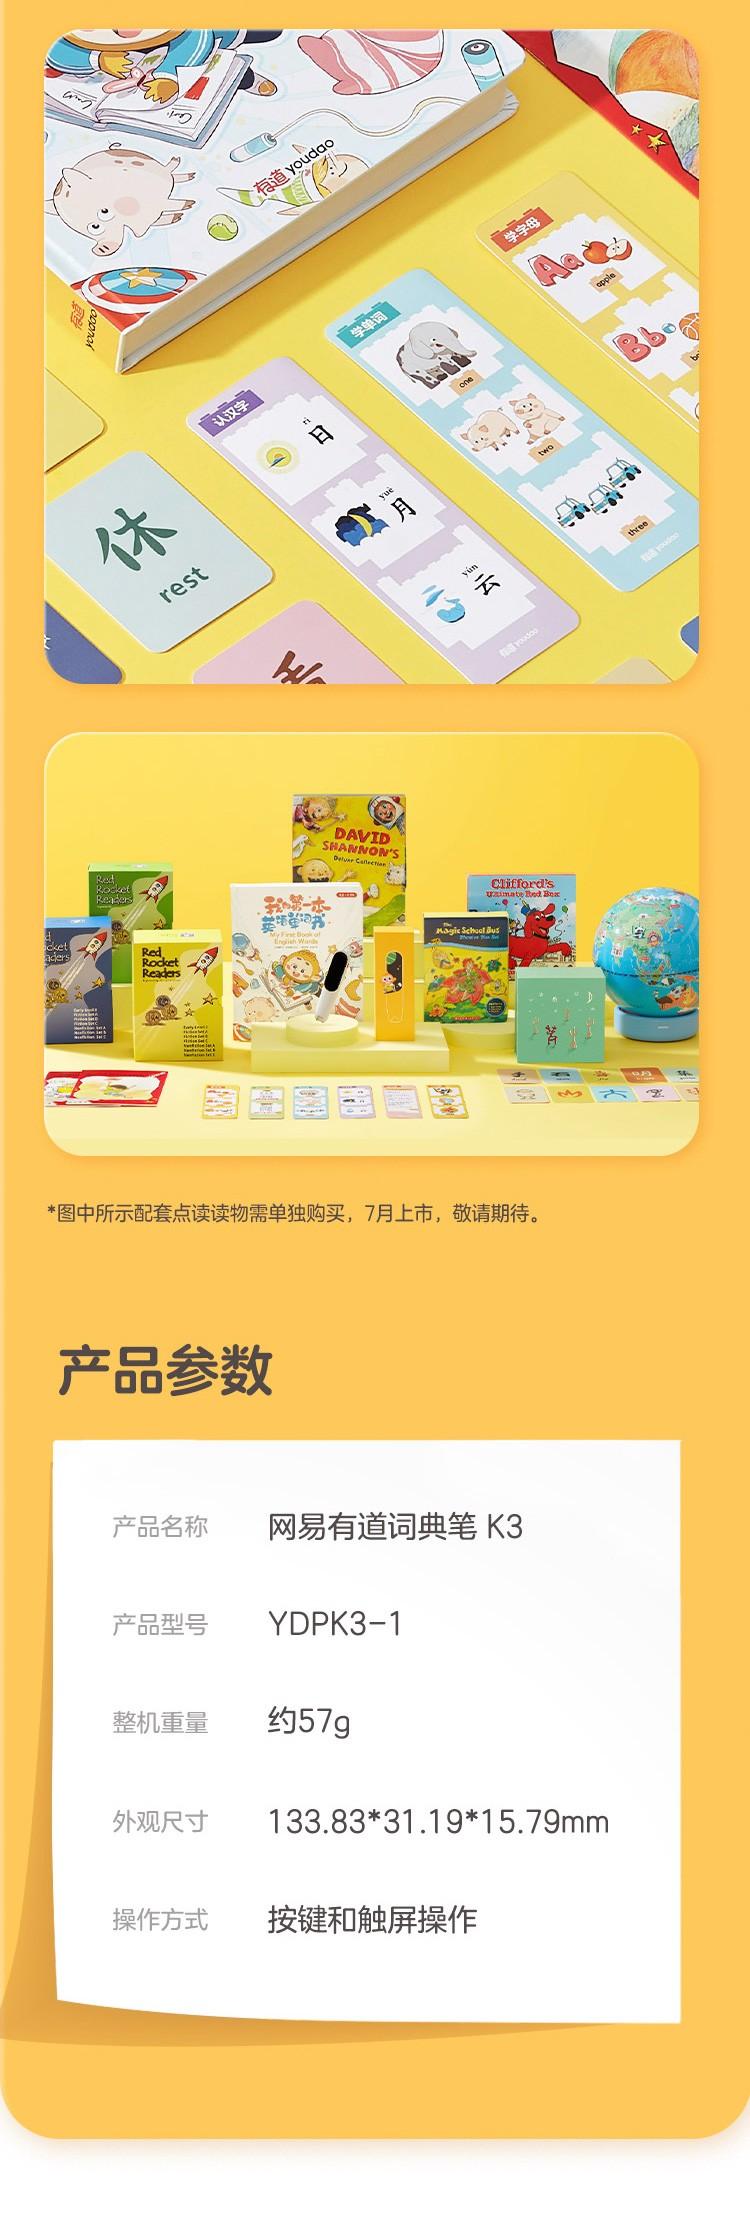 英语语文一笔搞定 网易有道儿童词典笔免费试用